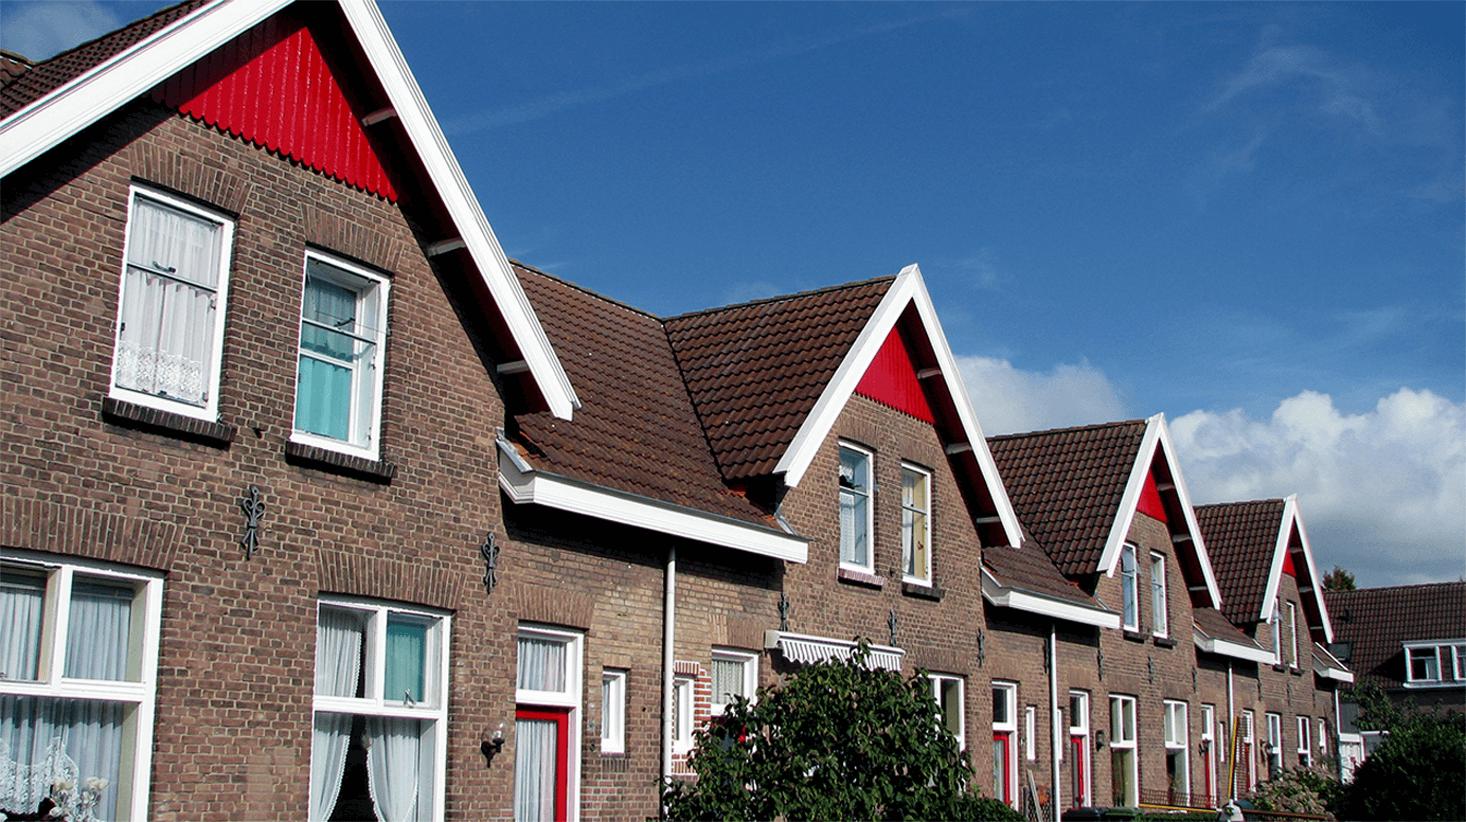 Huis verkopen aan opkoper